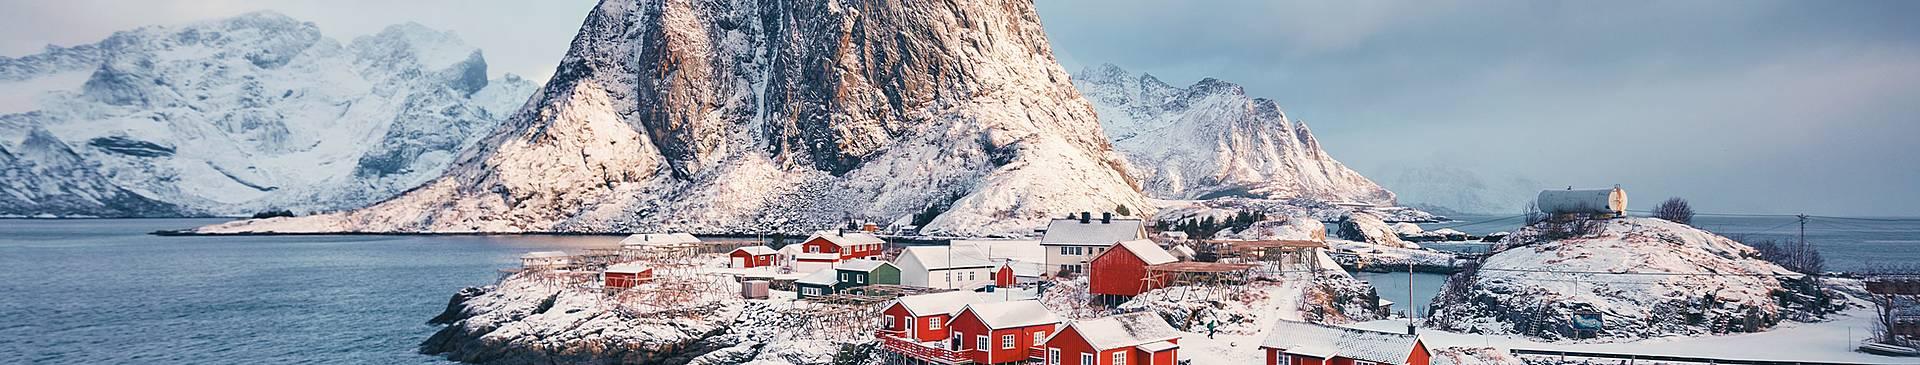 Voyage aux îles Lofoten et Vesterålen